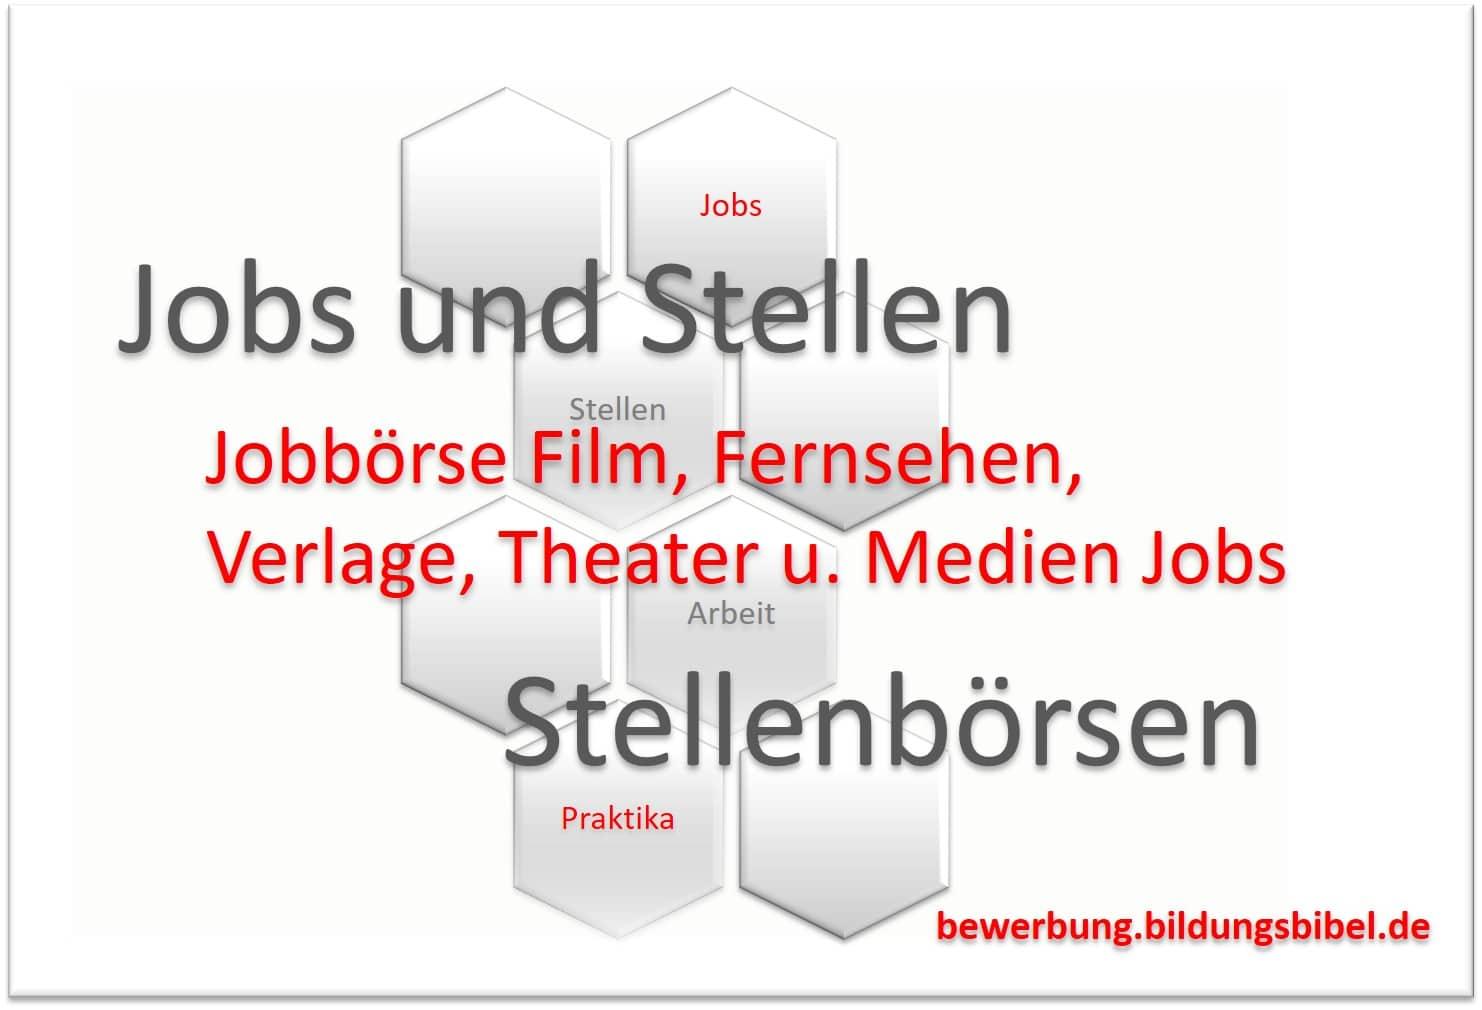 Jobbörse für Film und Fernsehen, Verlage, Theater und Medien Jobs suchen und finden.